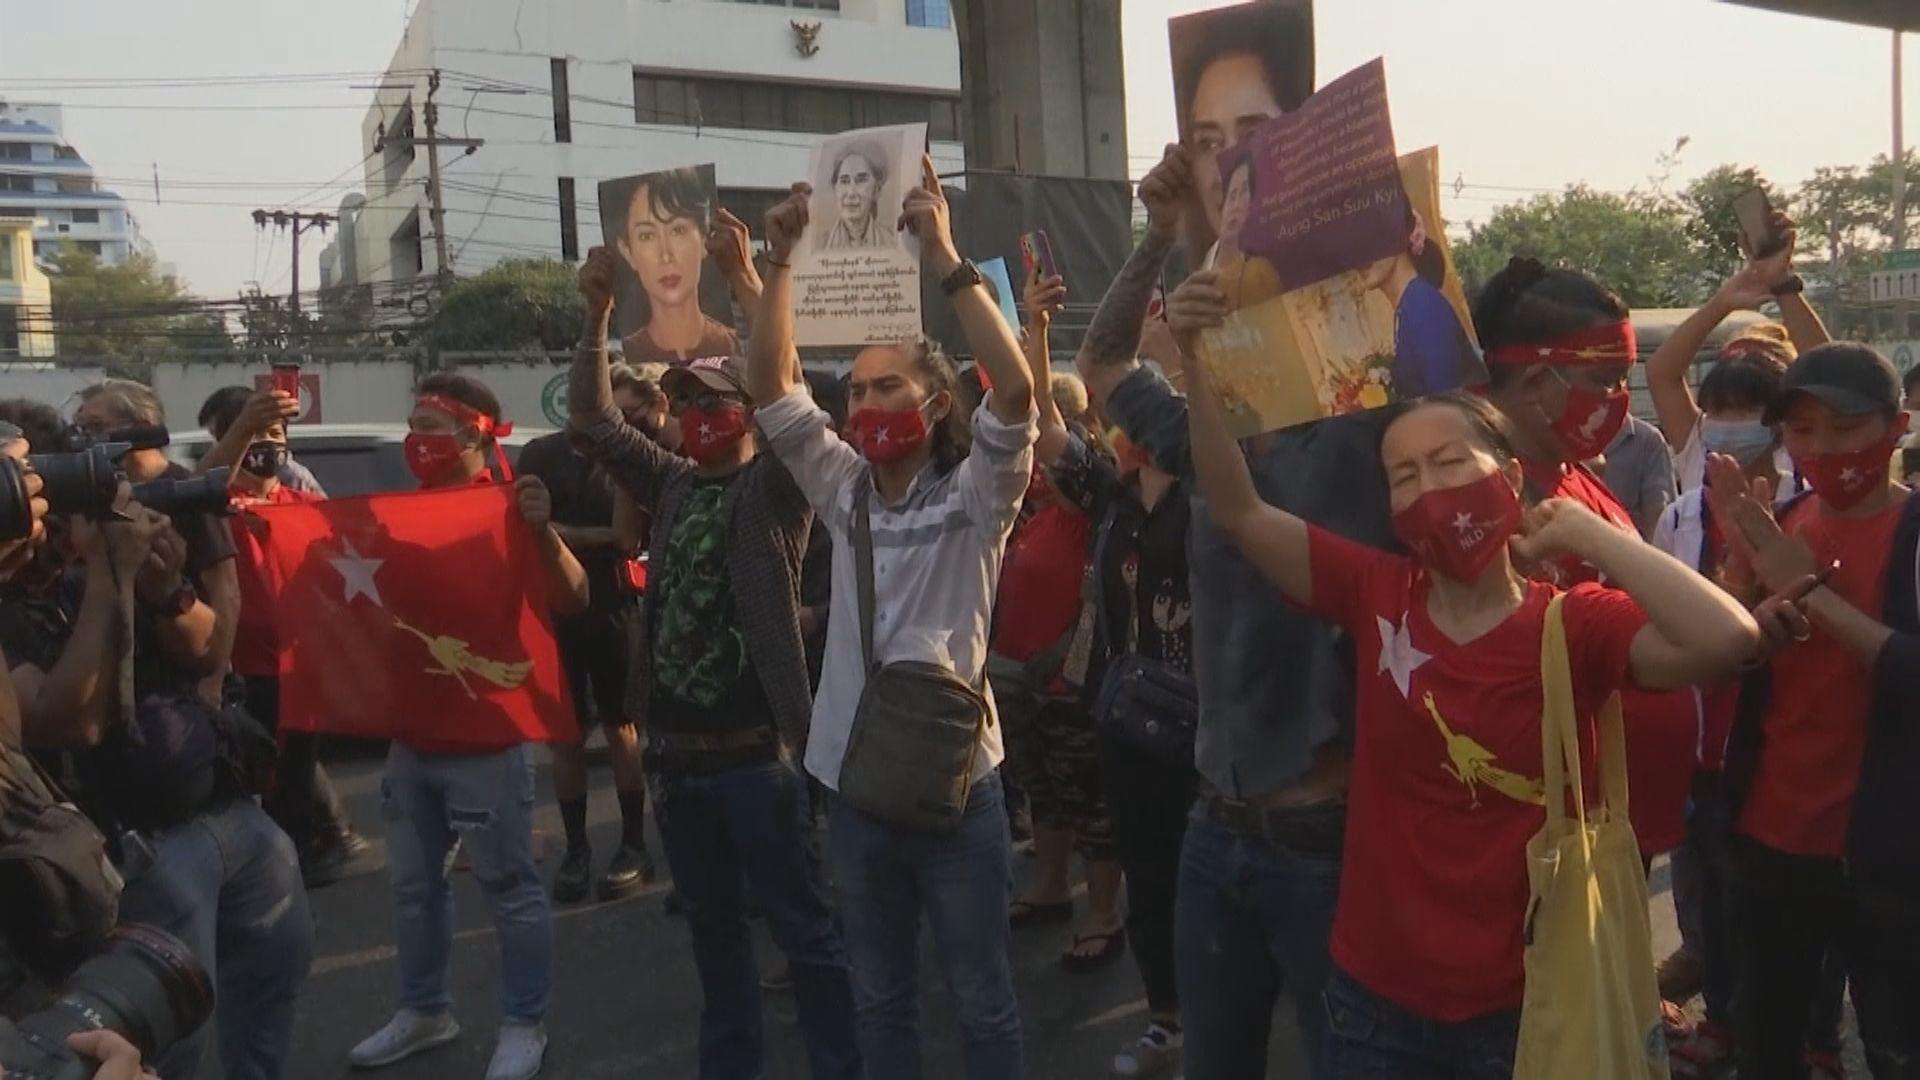 緬甸駐曼谷大使館外示威演變衝突 有人被捕